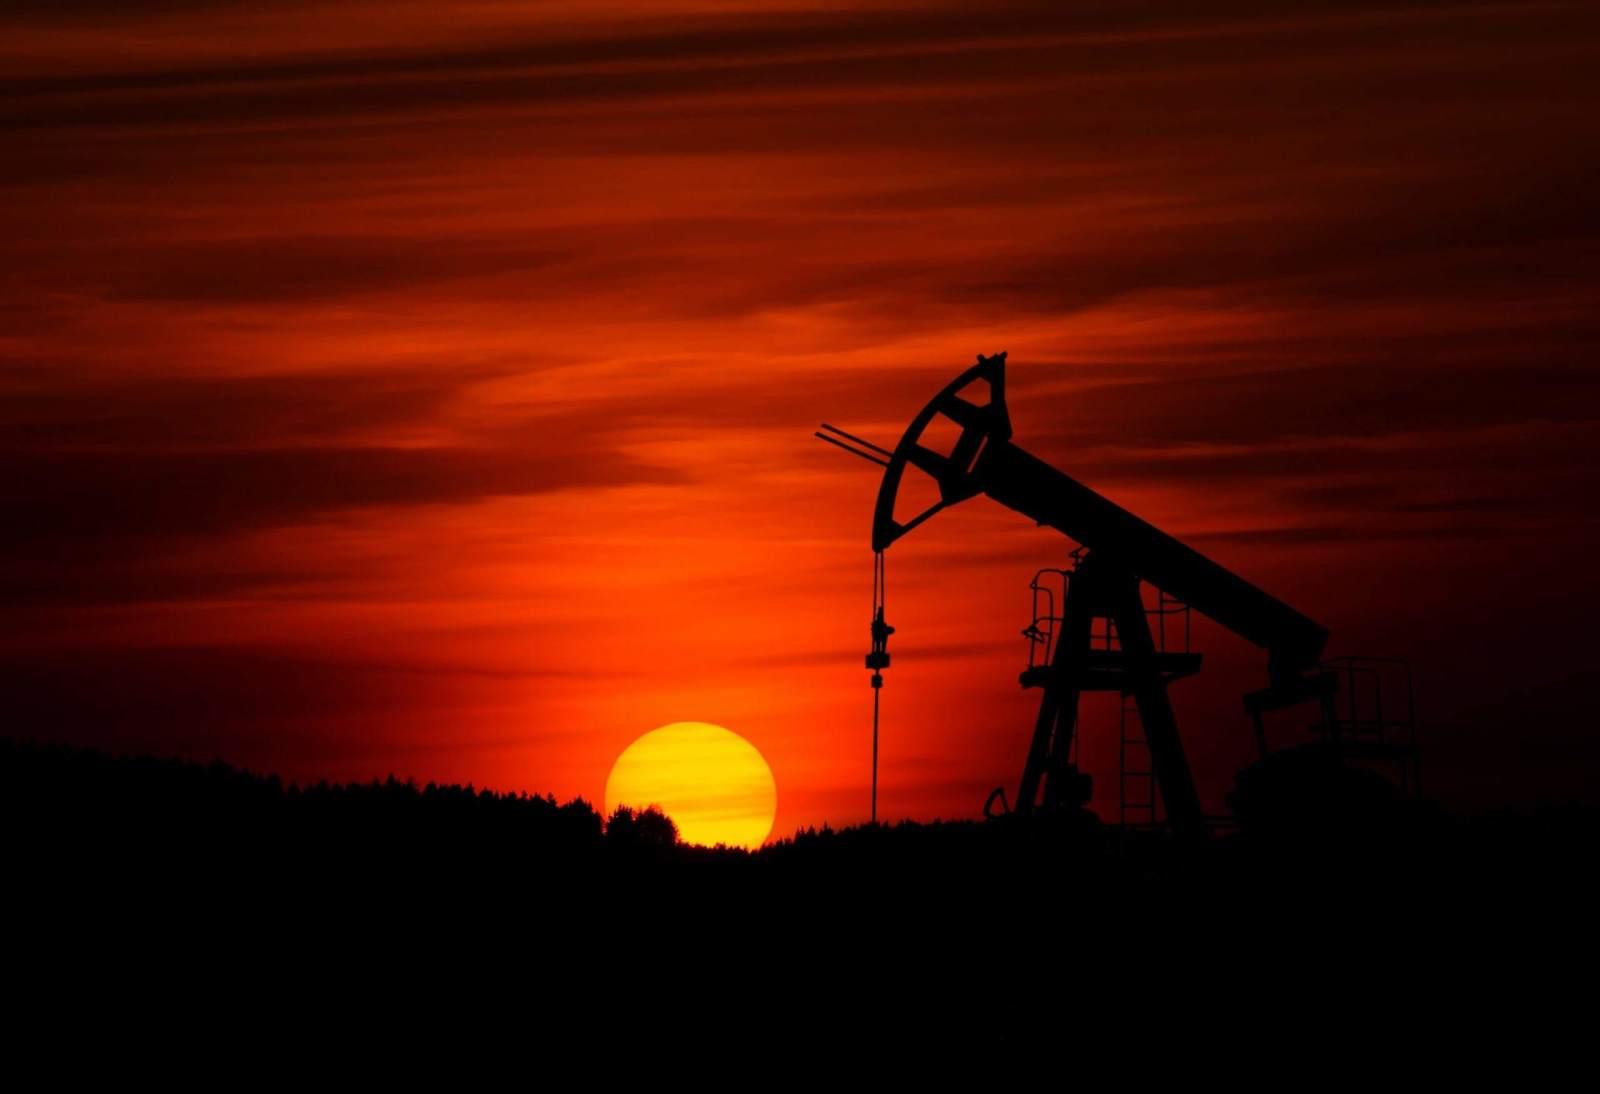 Beispielbild einer Ölpumpe vor Sonnenuntergang